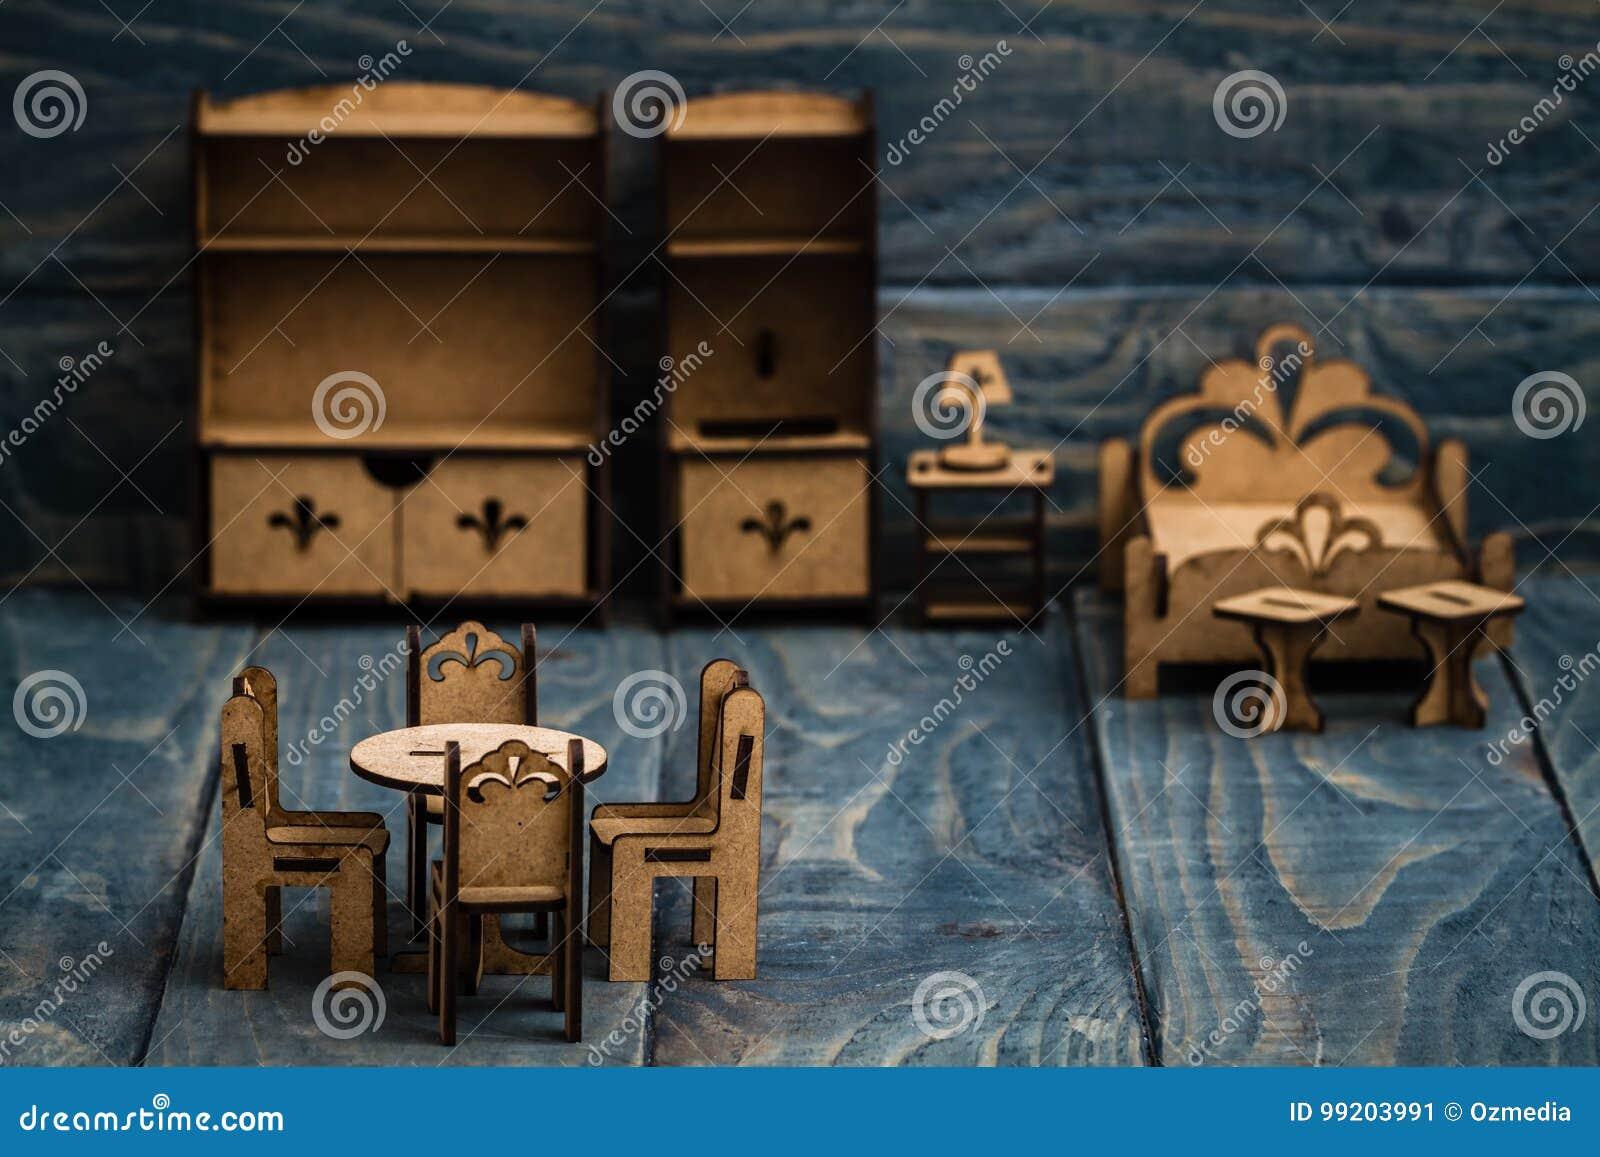 Muebles De Madera Miniatura Para Que Niños Pinten Y Gocen Imagen de ...